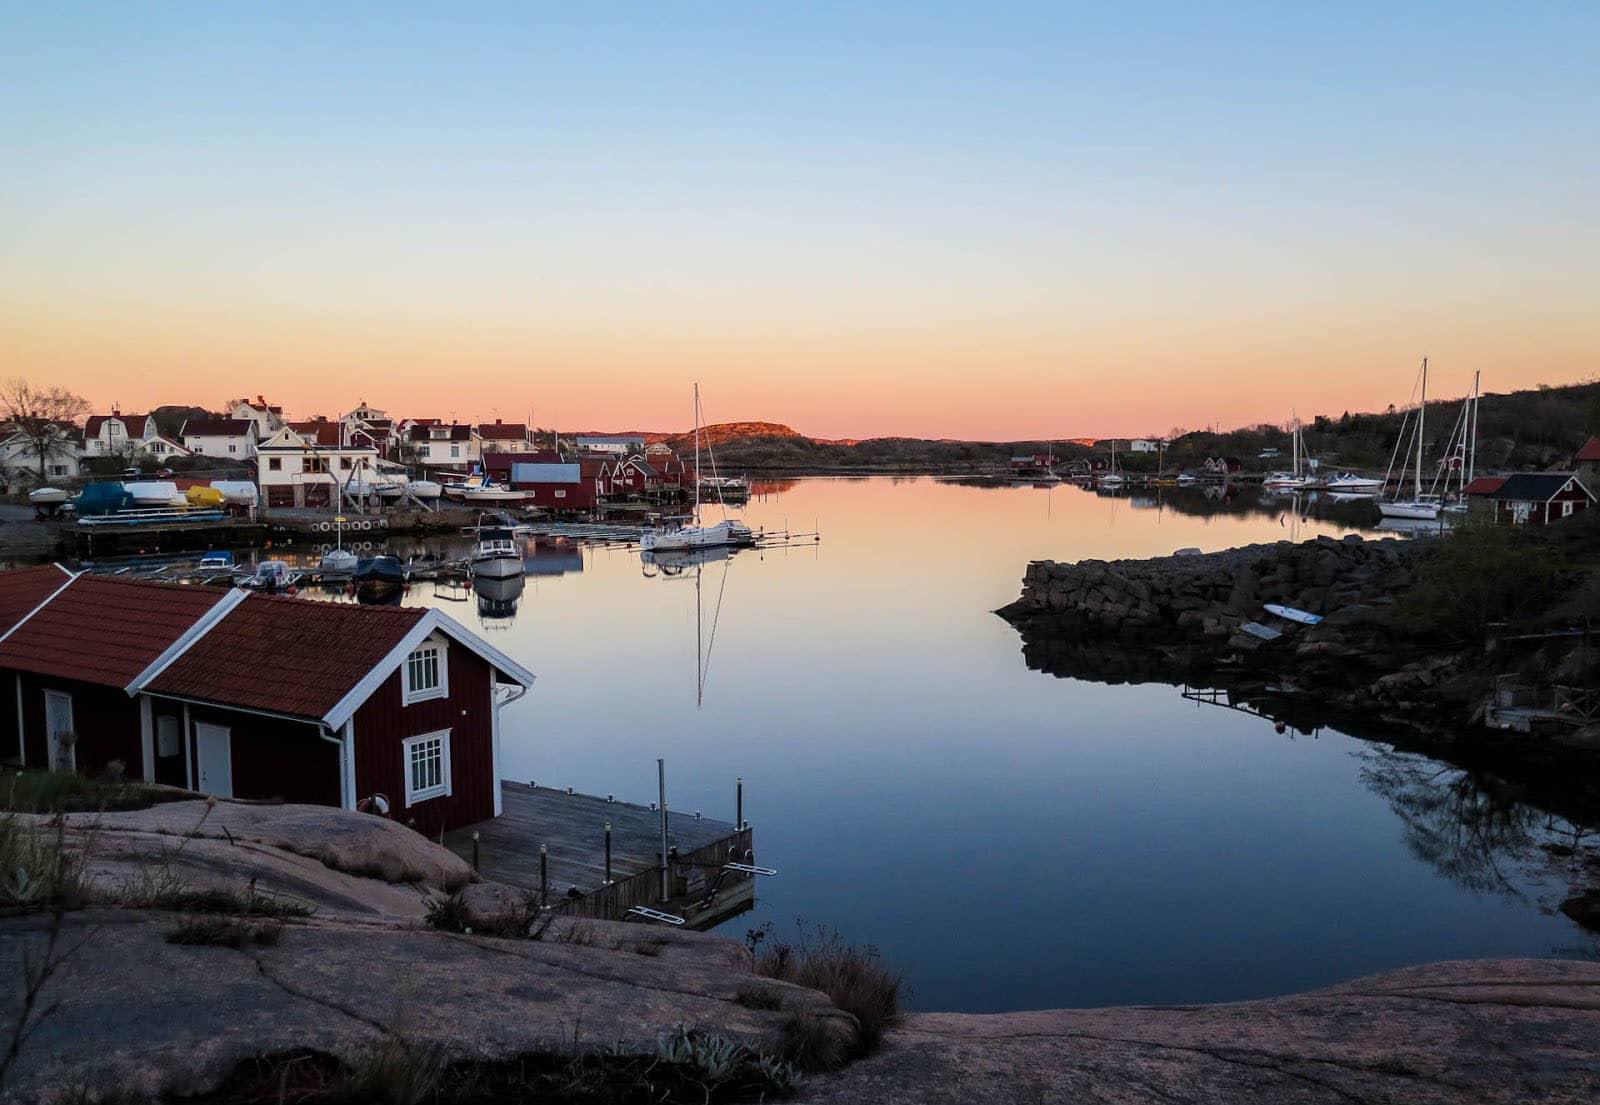 Smögens Hafvsbad - Hotell, konferens & Spa i Smögen, Bohuslän